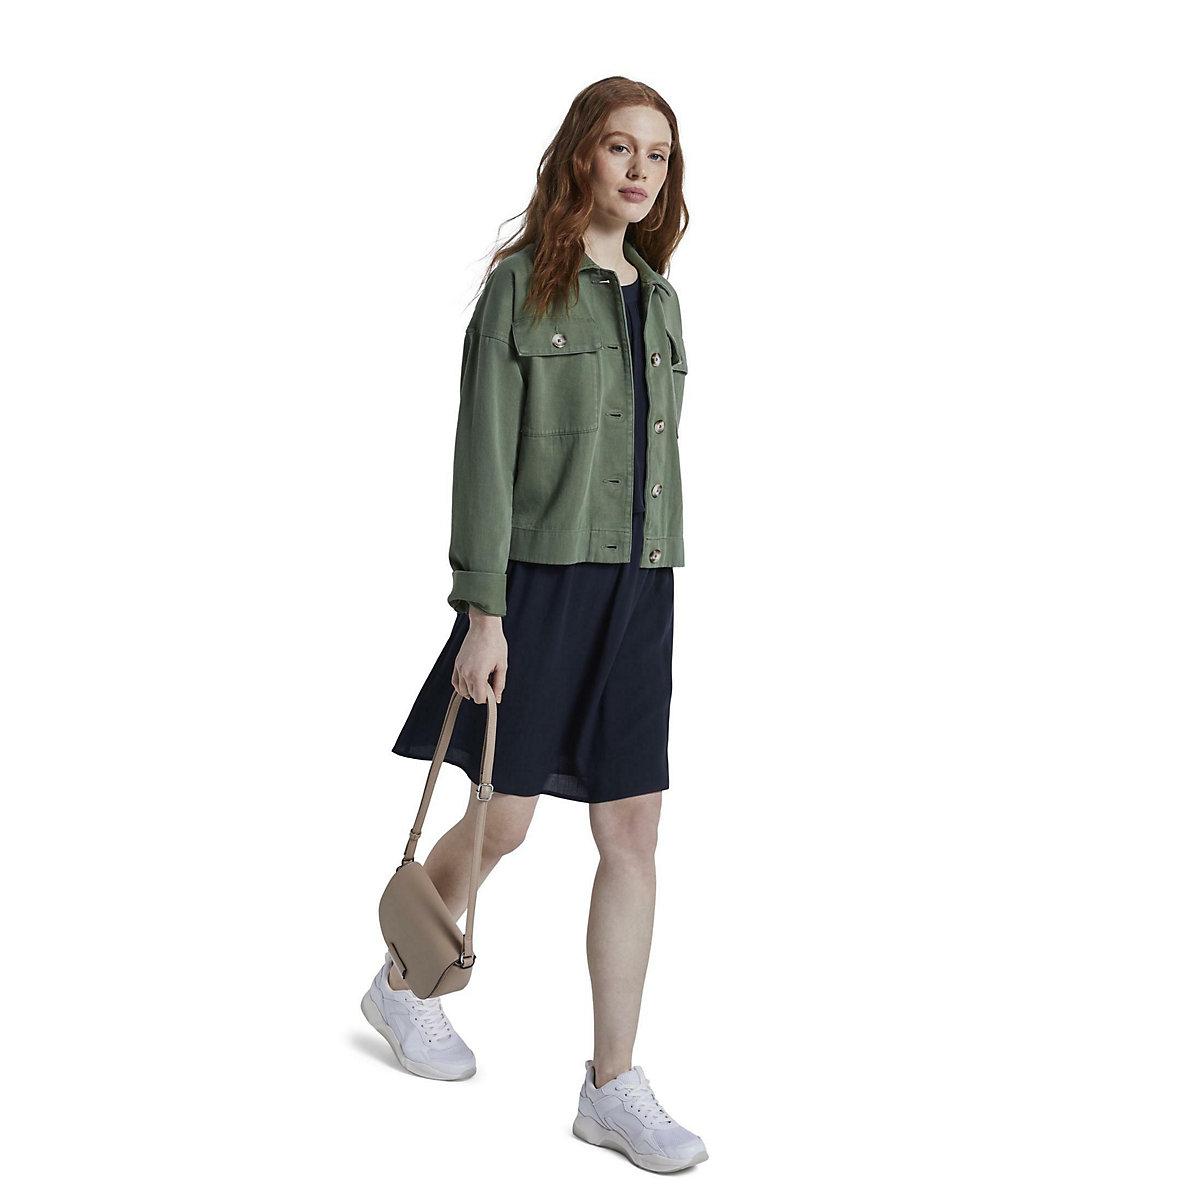 TOM TAILOR Denim Kleider & Jumpsuits Neckholder Minikleid Jerseykleider dunkelblau